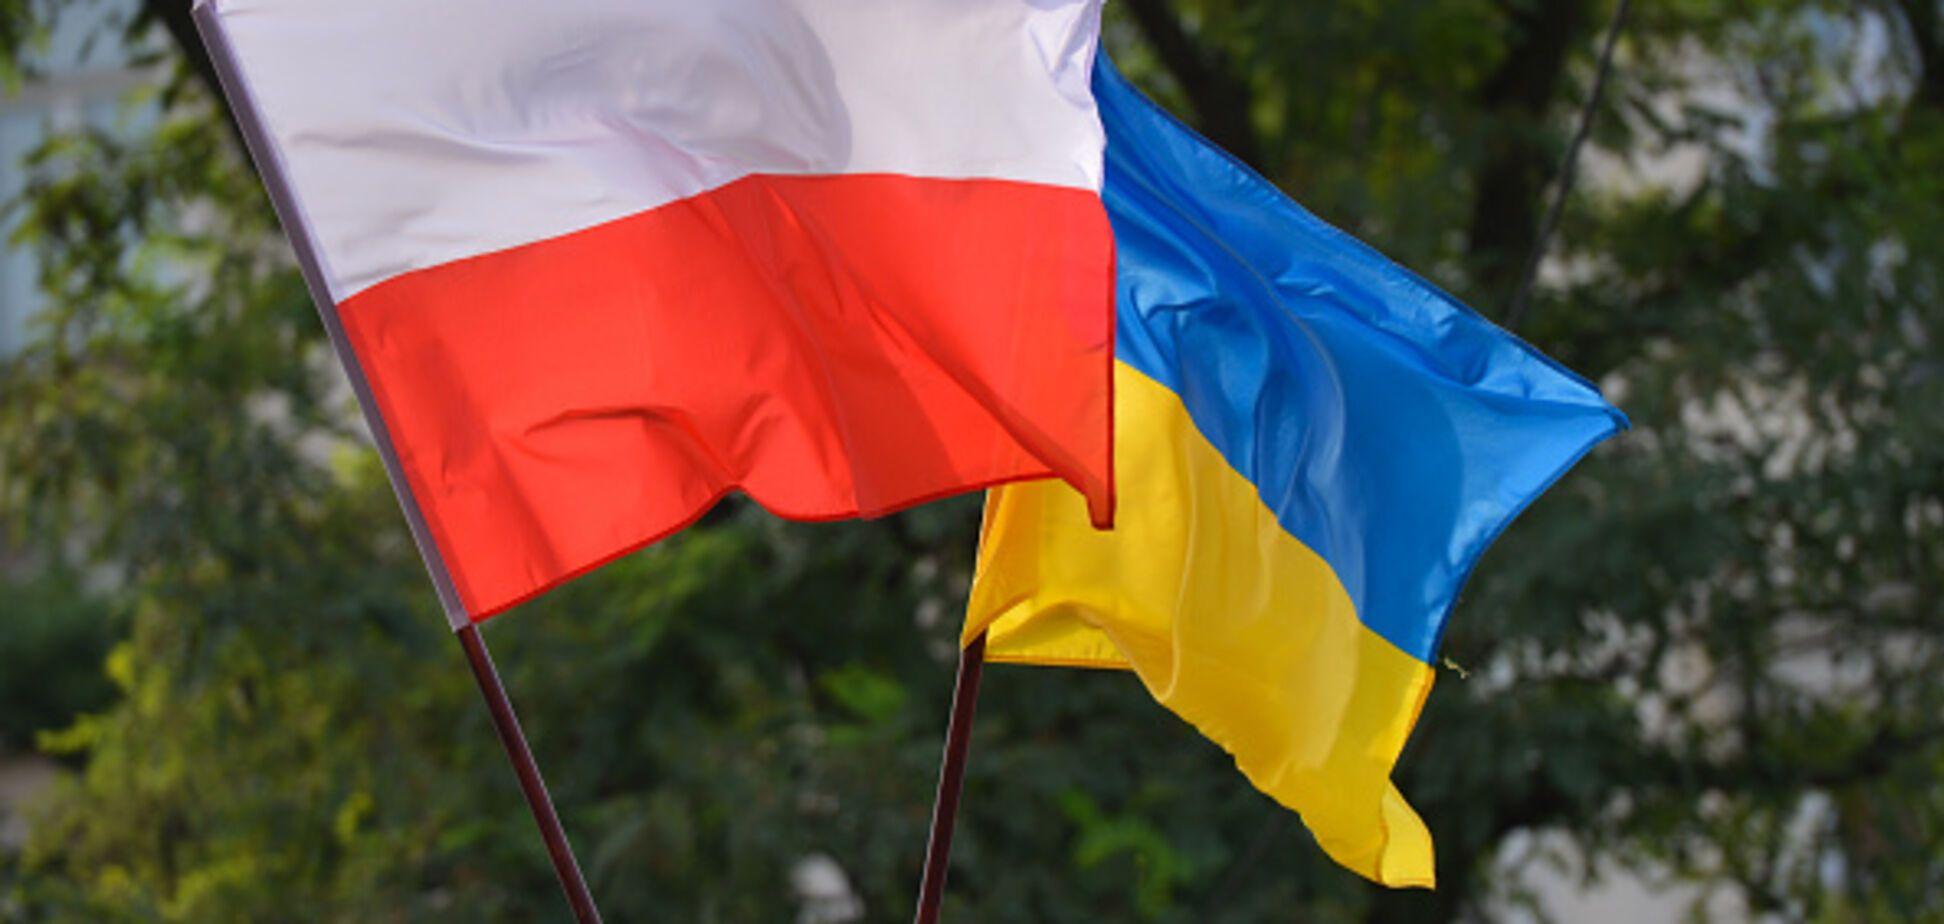 Польша поддержала закон о 'бандеризме': появилась реакция Киева